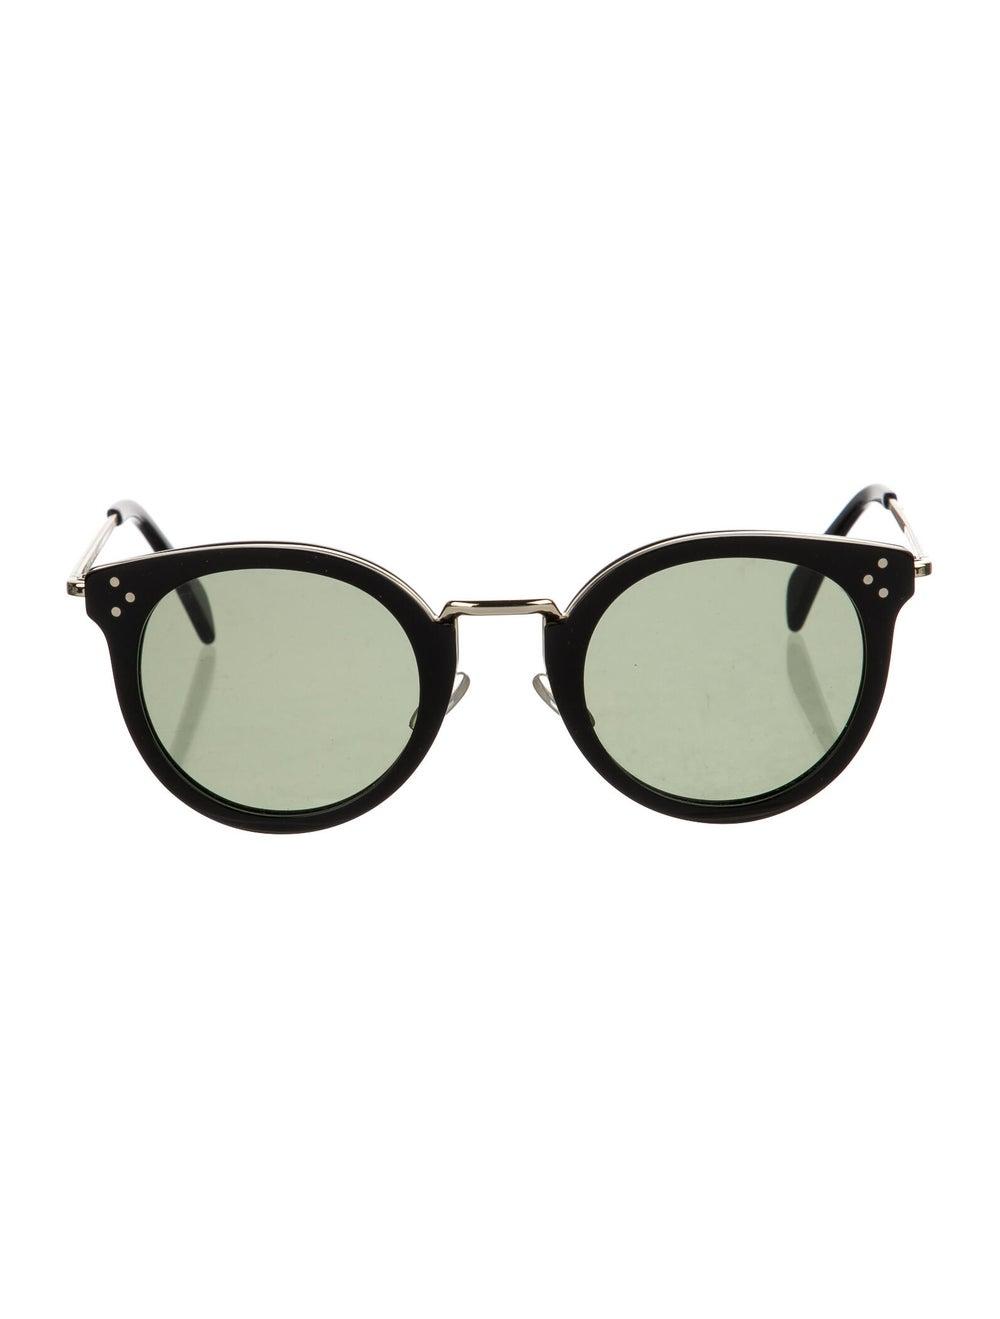 Celine Round Tinted Sunglasses Black - image 1